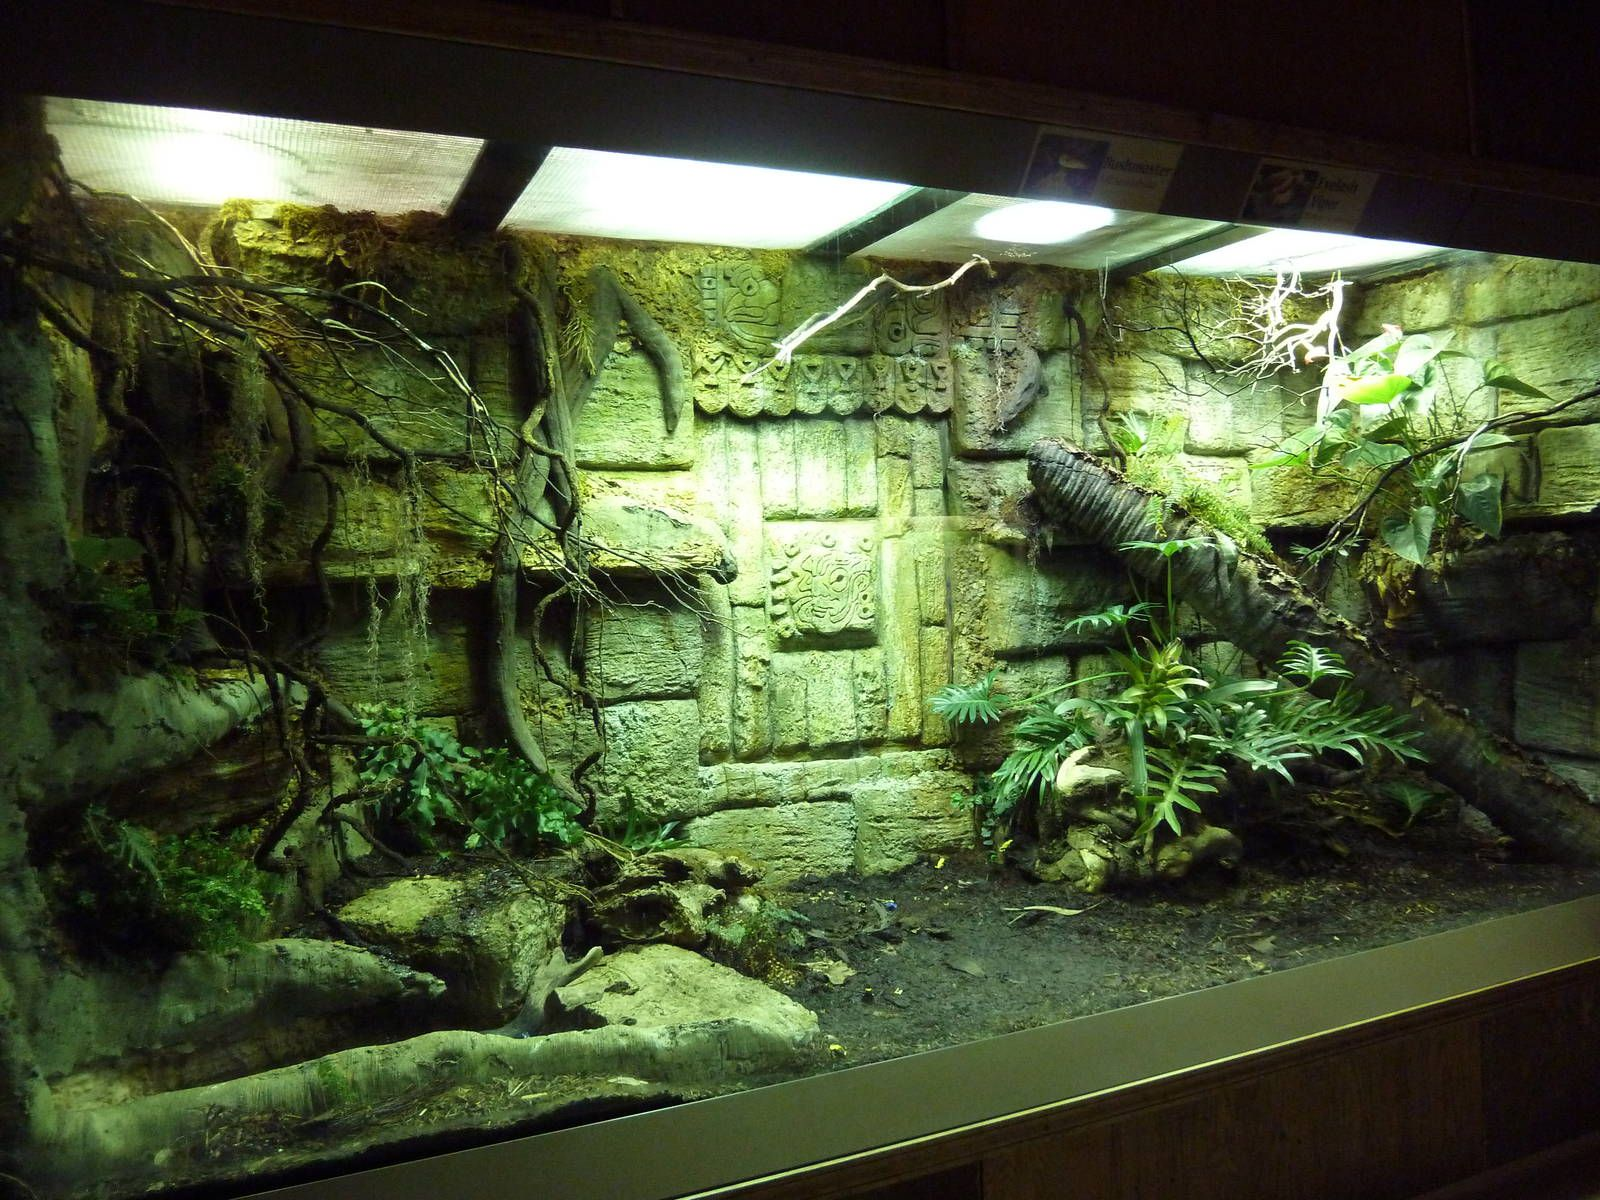 P1180813 166408 Jpg 1600 1200 Snake Terrarium Reptile Habitat Reptile Terrarium